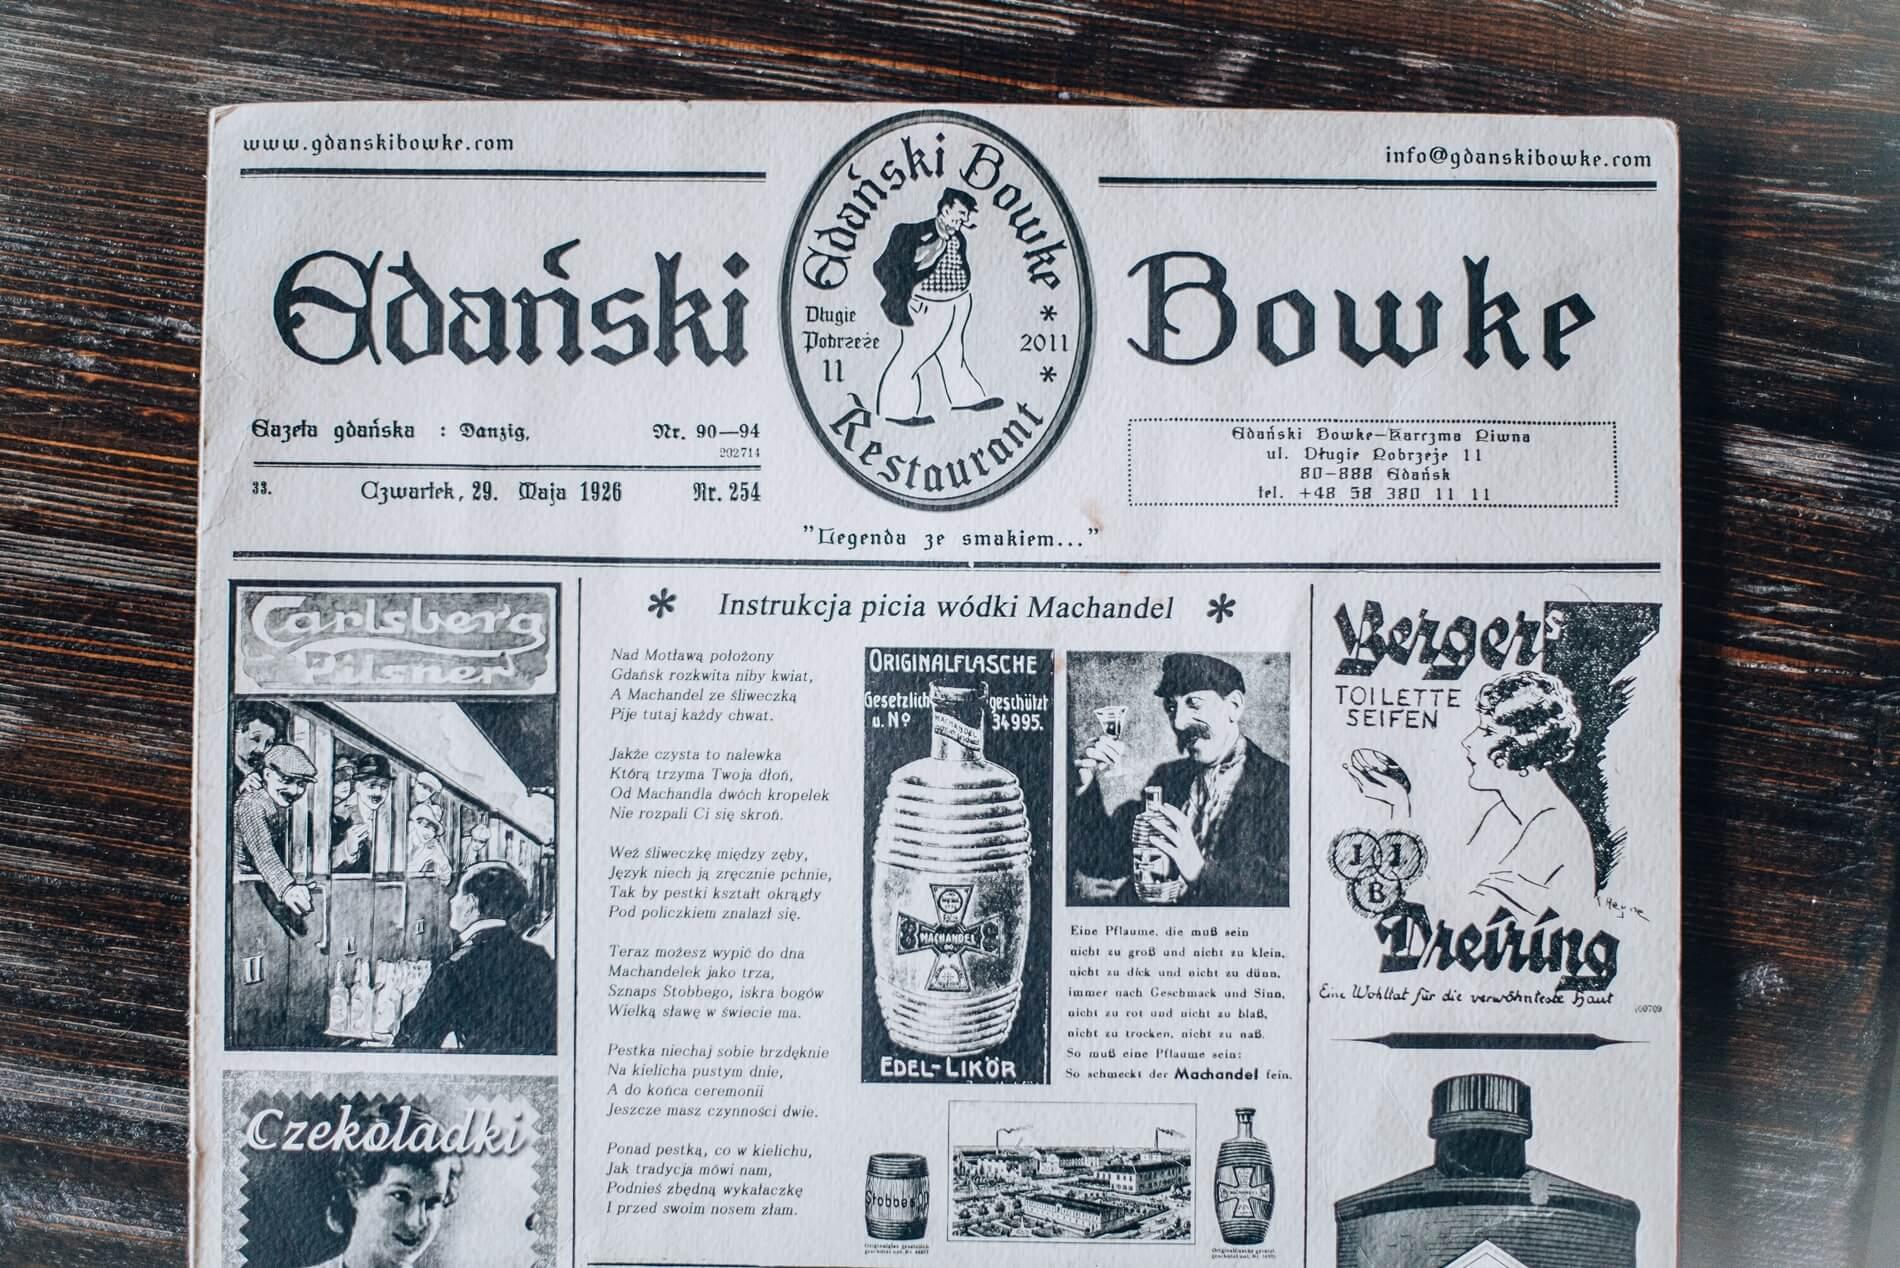 a gdanski bowke pomorskie prestige 1 32 - U gdańskiego zawadiaki